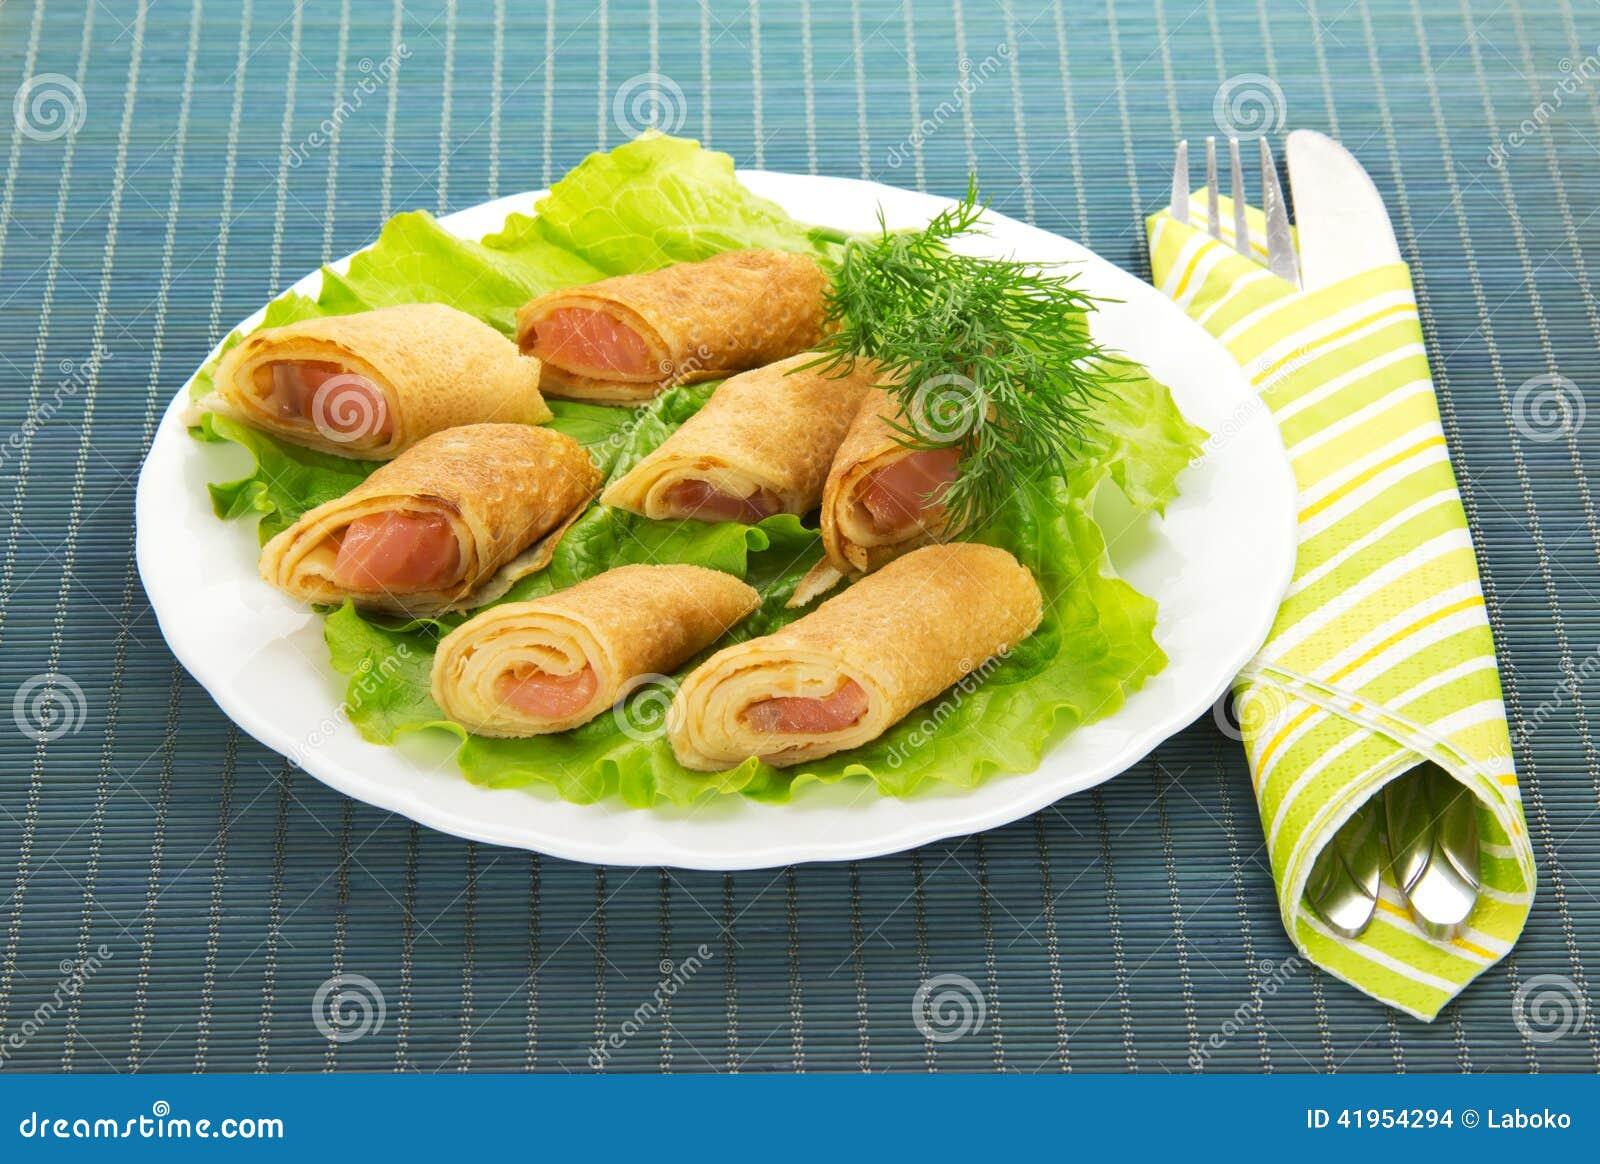 Flapjack z łososiem i sałatką, cutlery